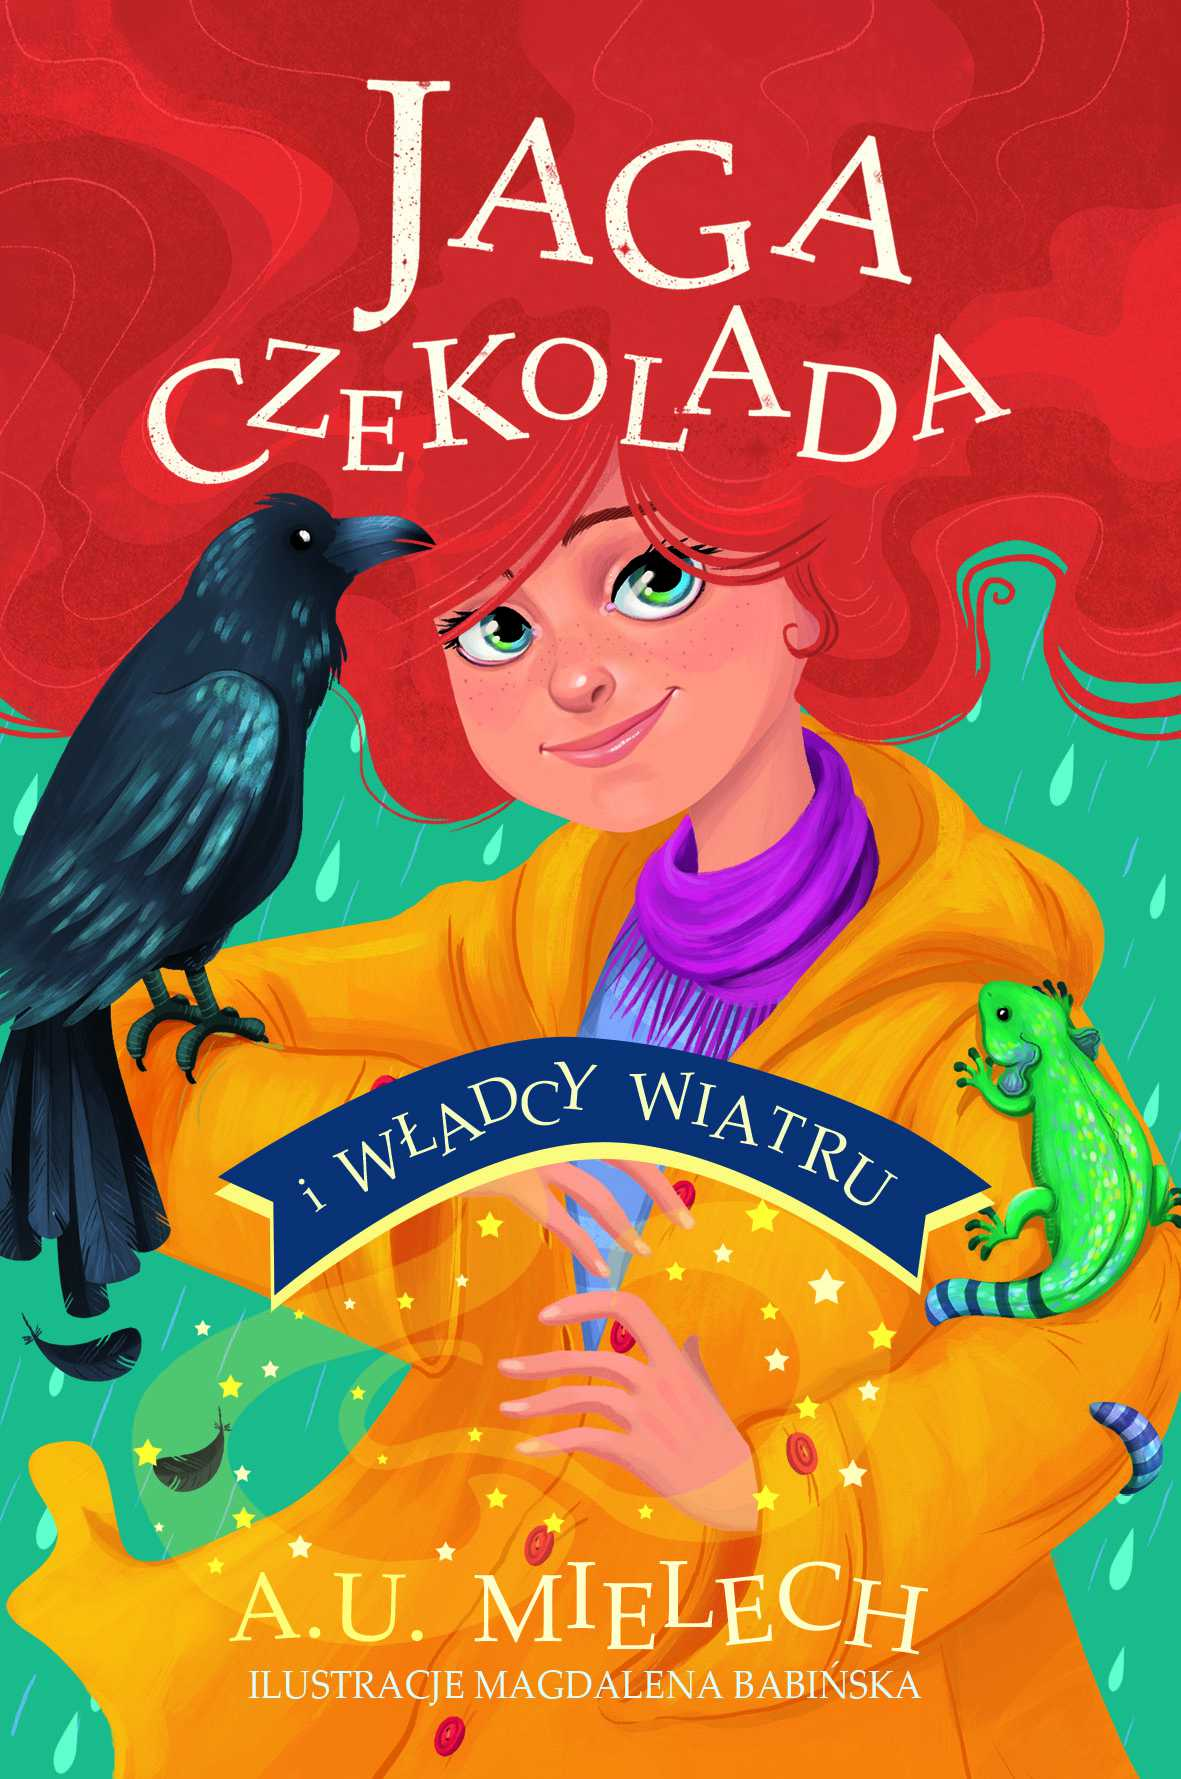 Jaga Czekolada i władcy wiatru. T. 2 - Ebook (Książka EPUB) do pobrania w formacie EPUB